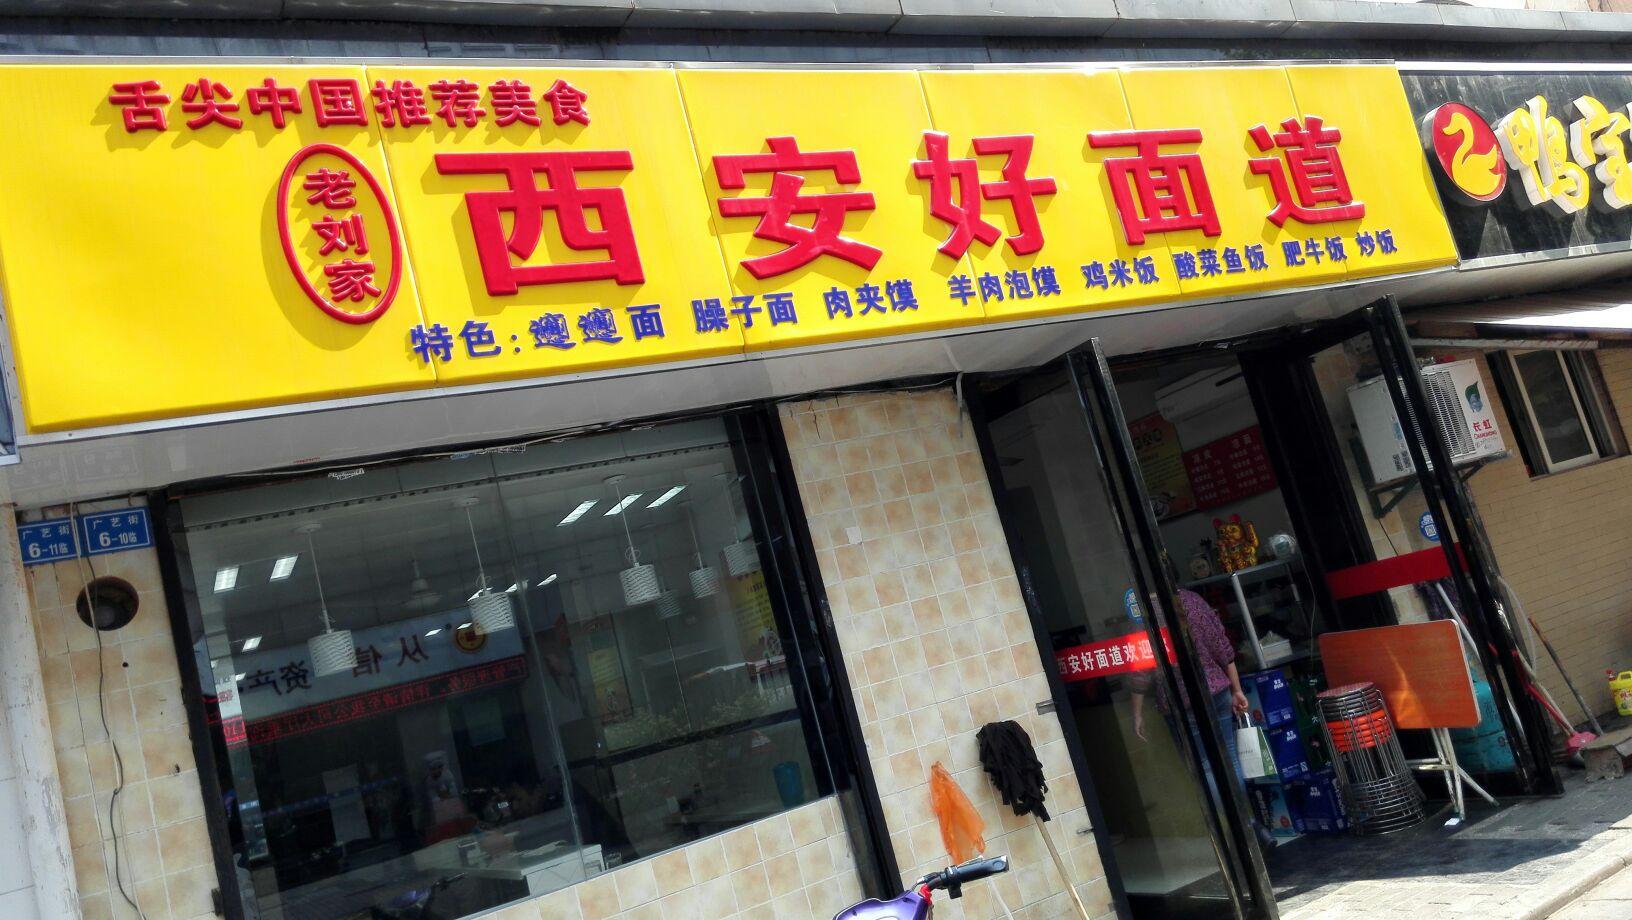 白下区>>快餐美食:餐馆动画美食老刘家西安好面道共人v快餐的标签家化美食a快餐图片